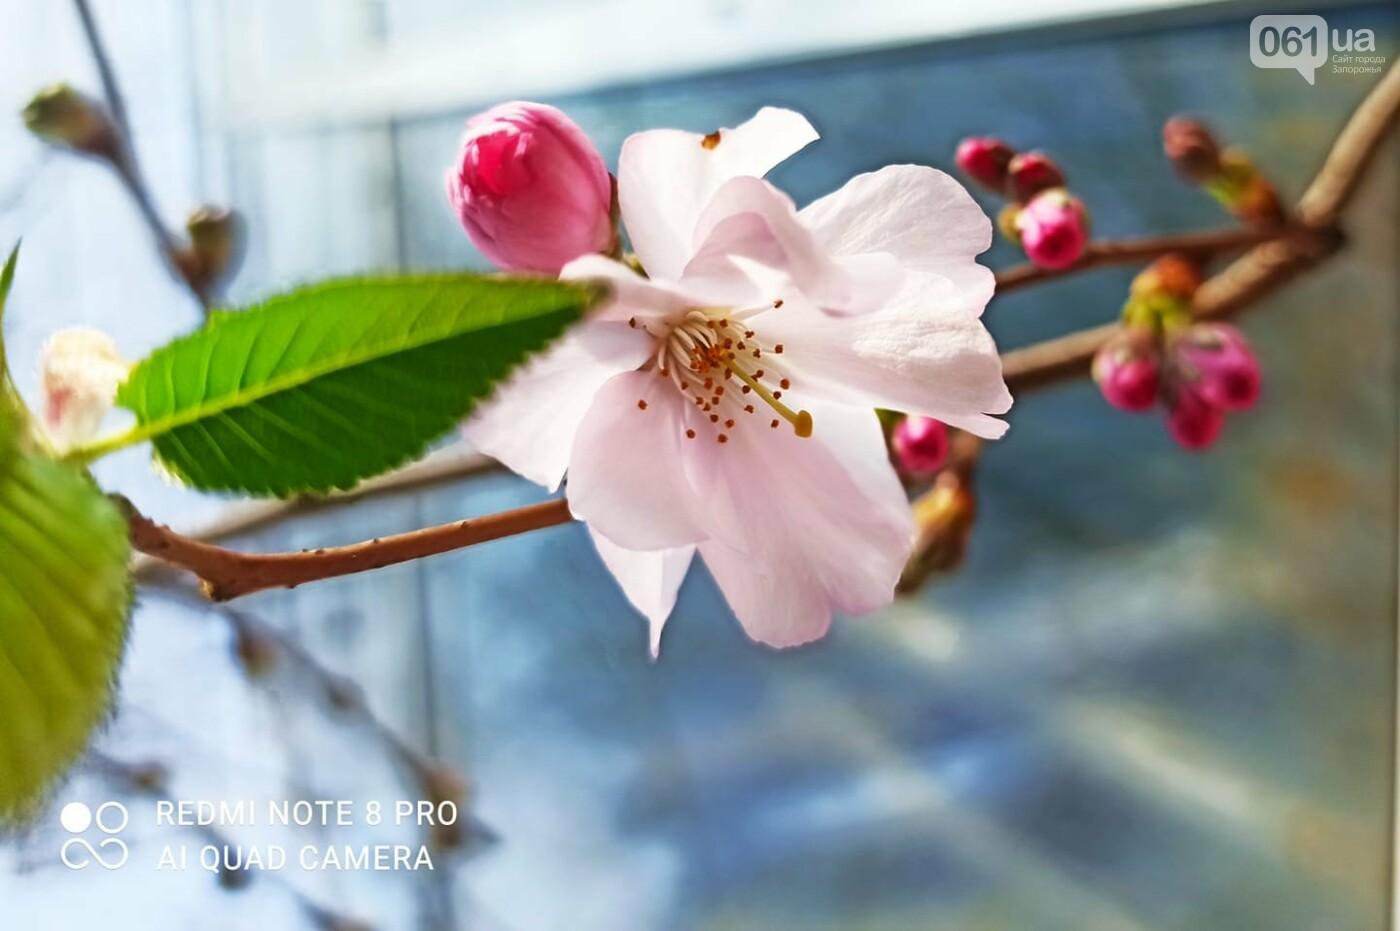 Запорожцы не могут полюбоваться цветением сакуры в ботсаду из-за усиления карантина , фото-3